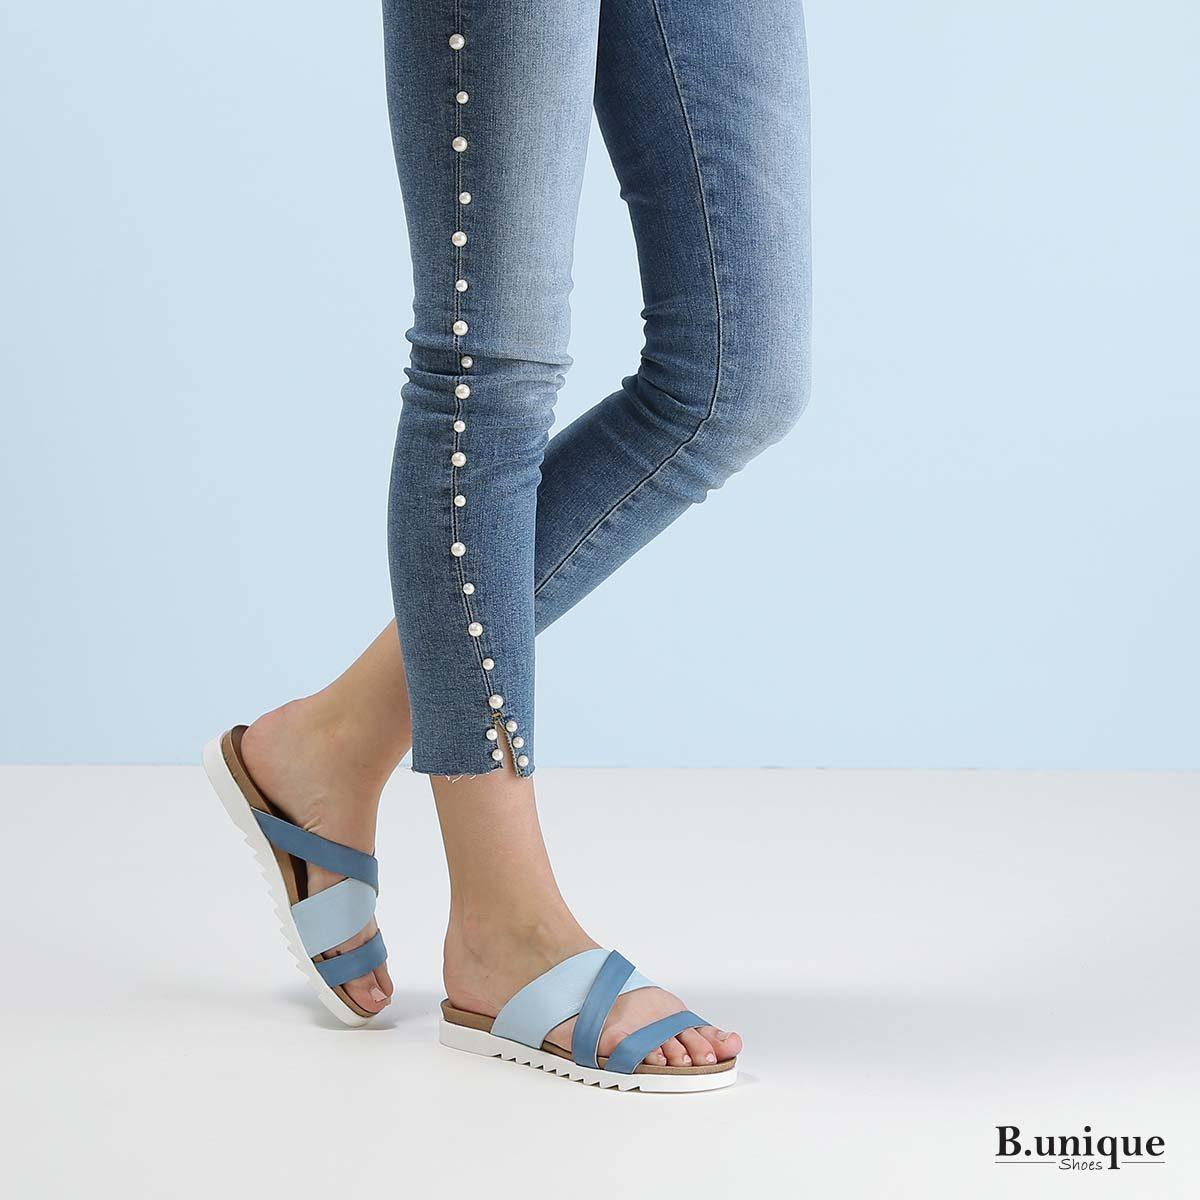 182248lightblue&jeans_04